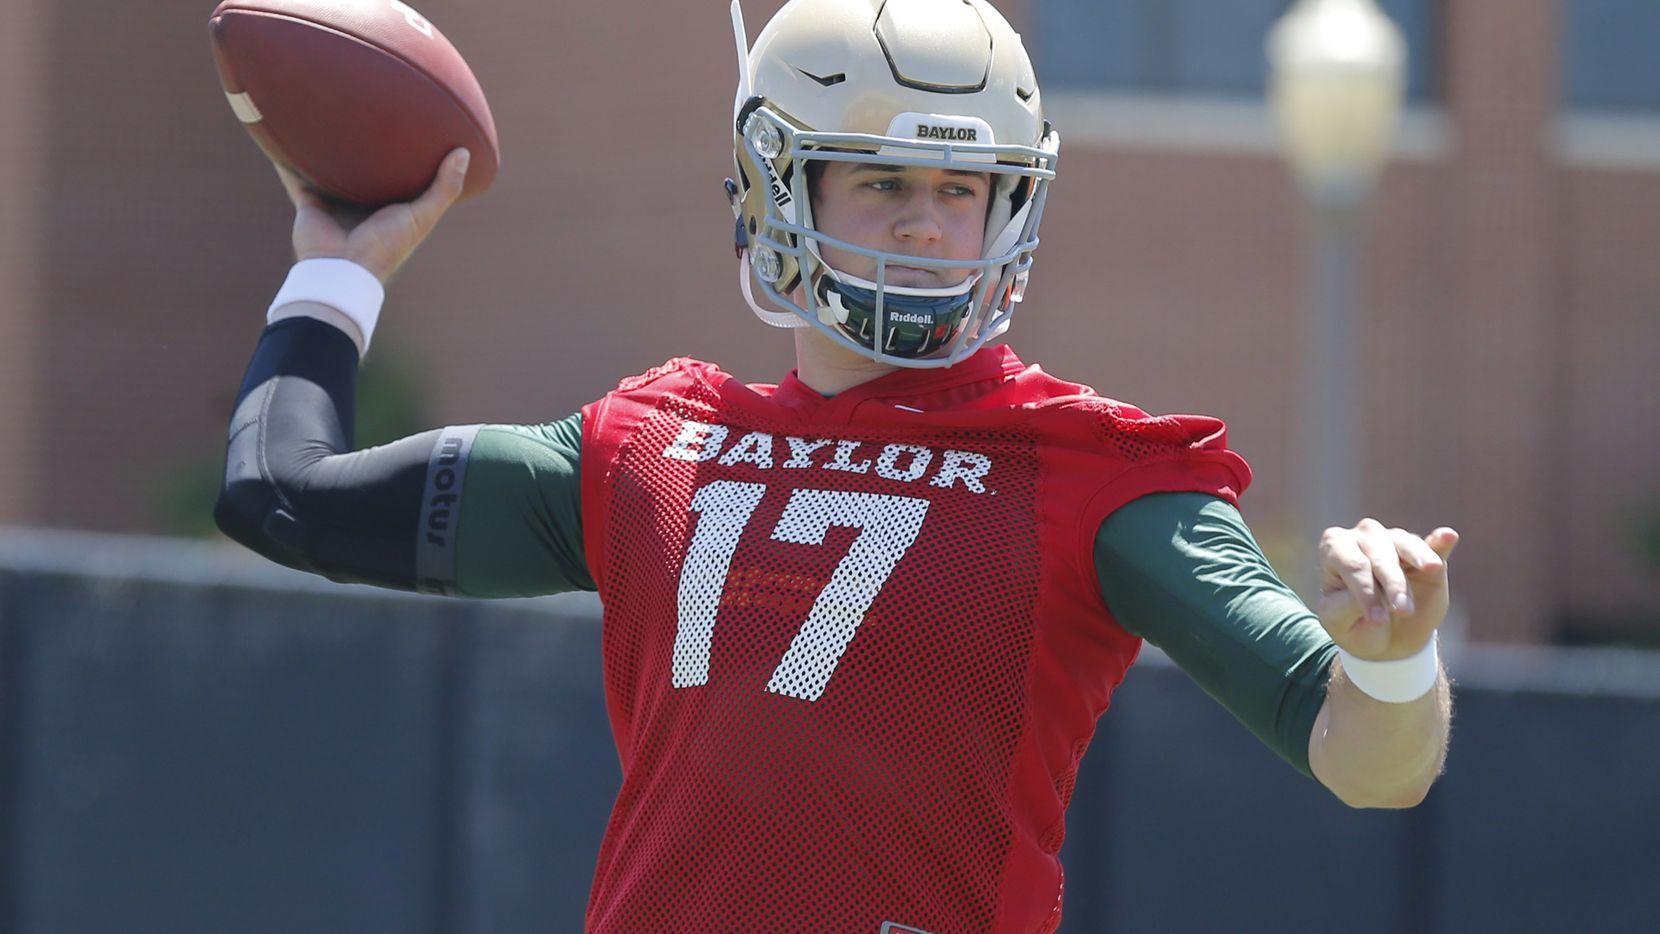 Seth Russell jugó la última campaña con los Bears de Baylor. Esta semana hizo pruebas con los Dallas Cowboys. Foto Waco Tribune-Herald via AP